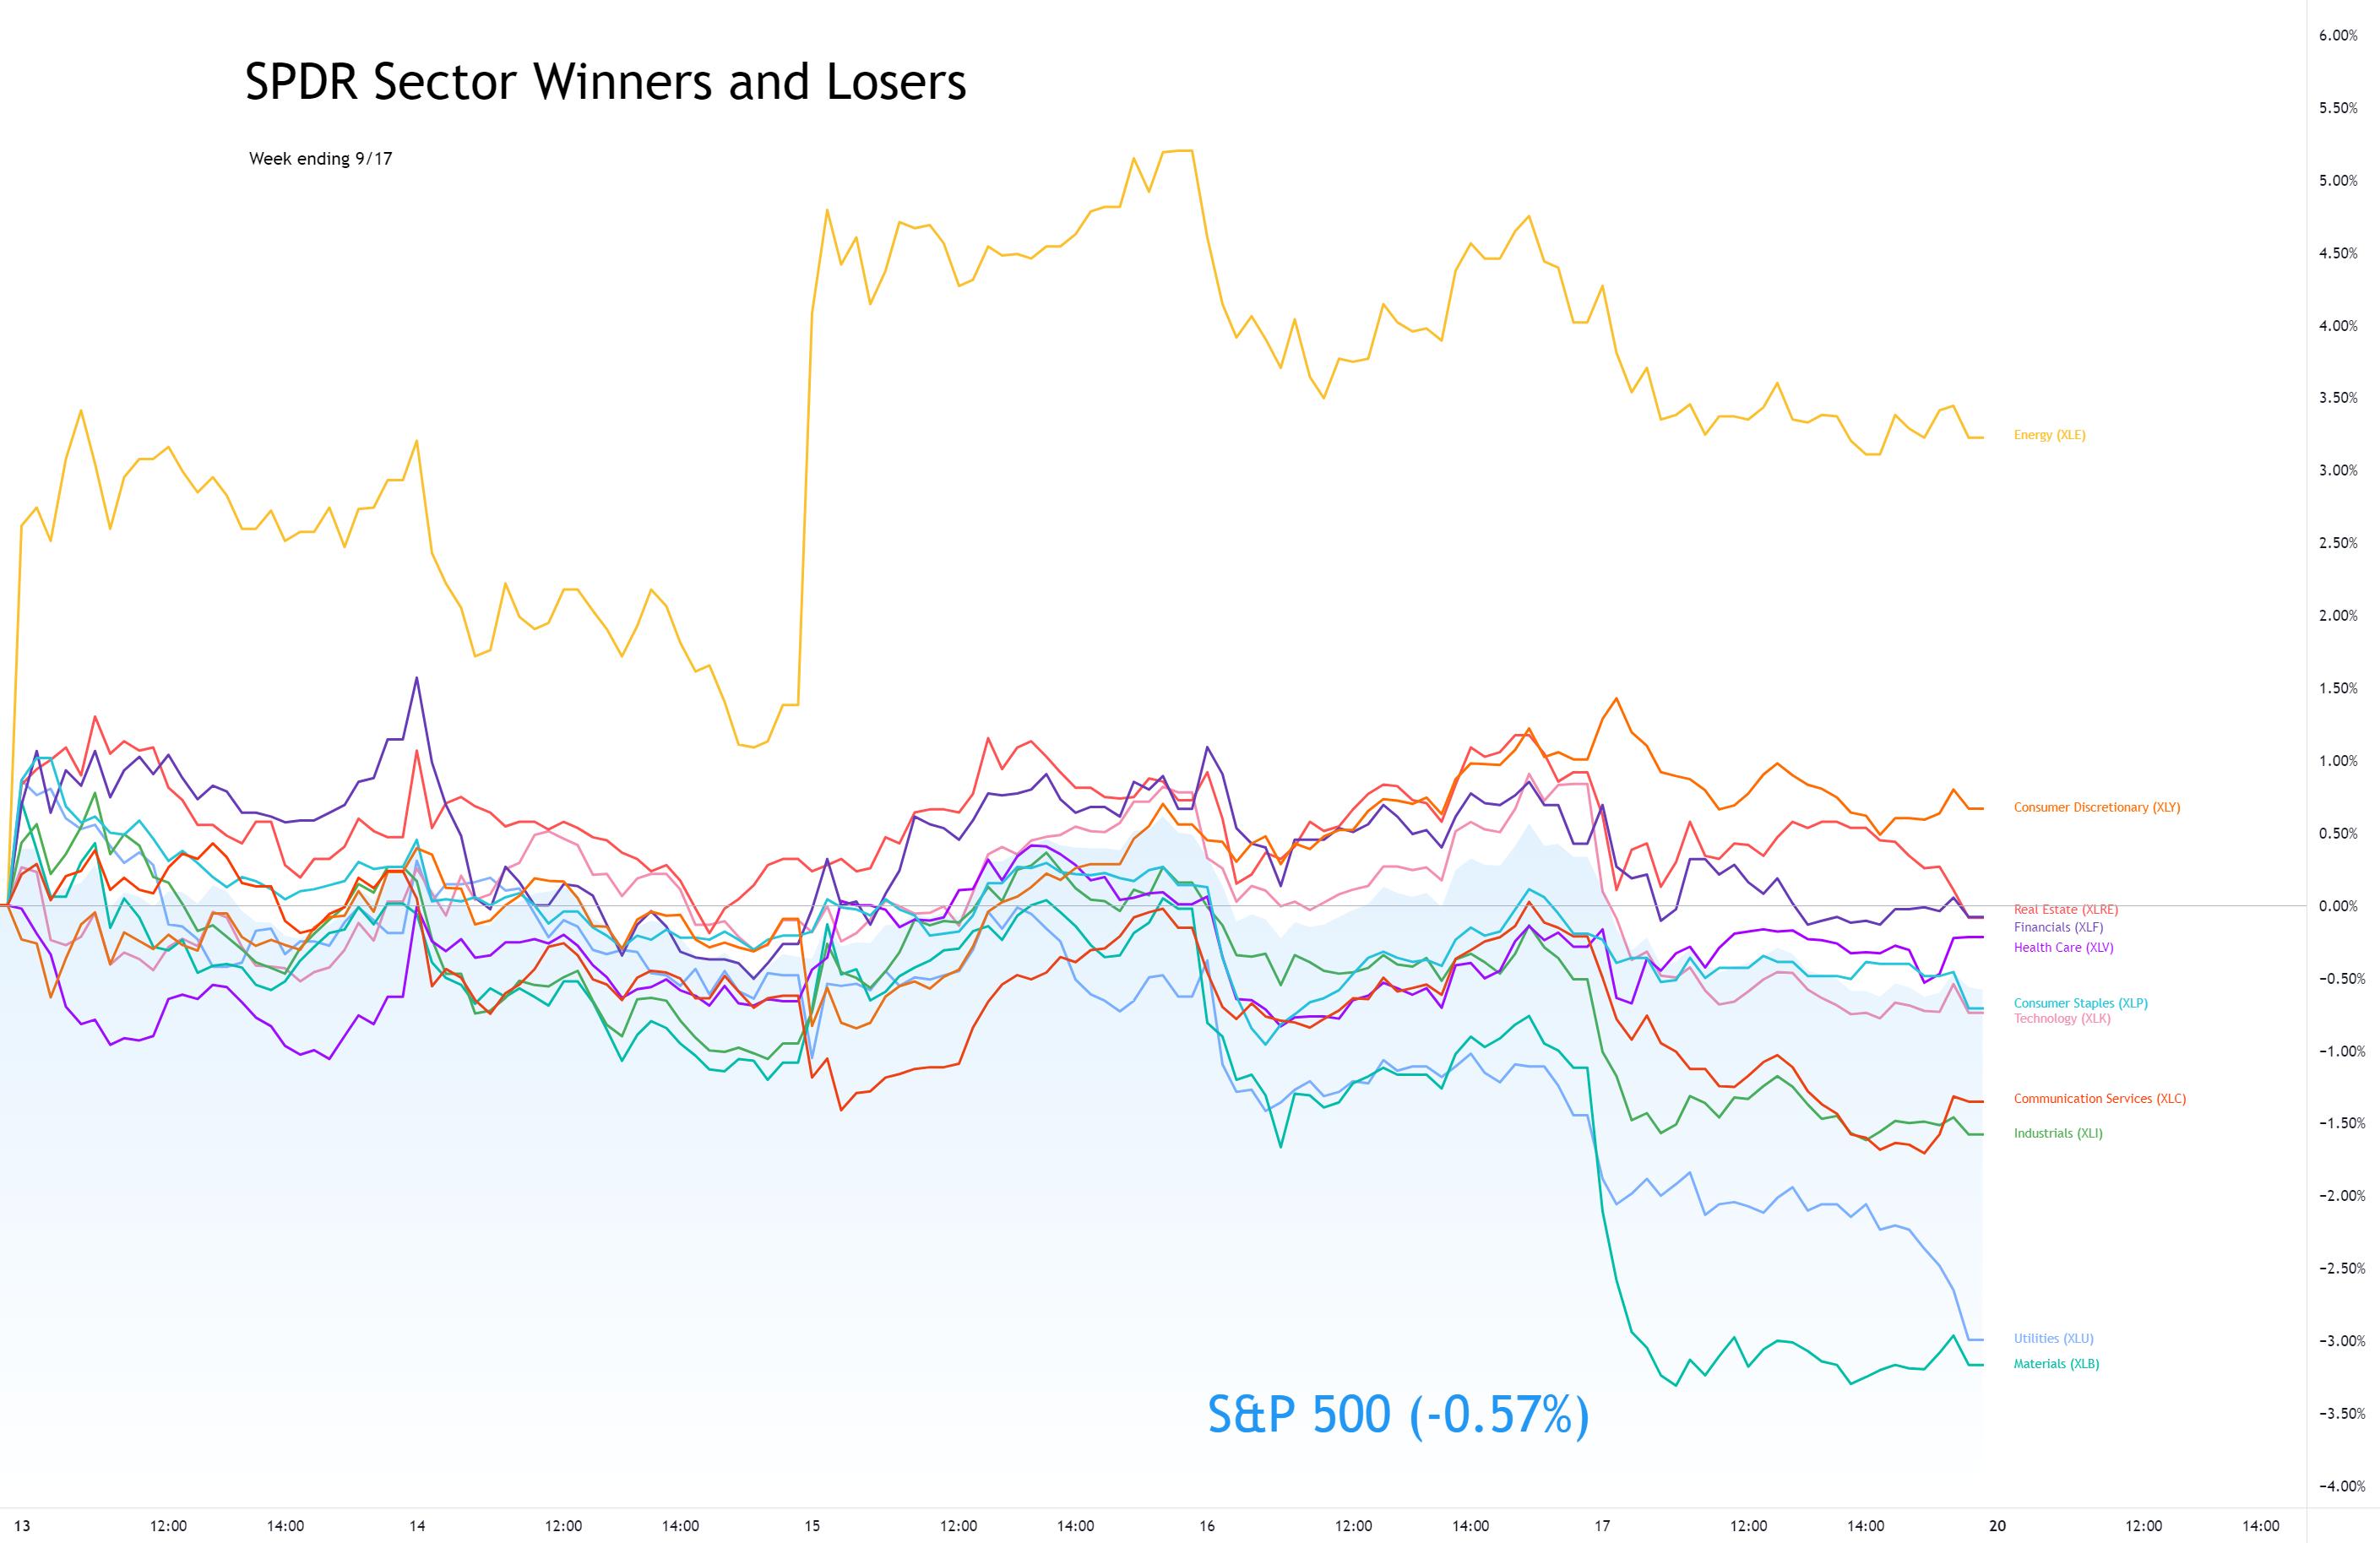 Sector Winners and Losers week ending 9/17